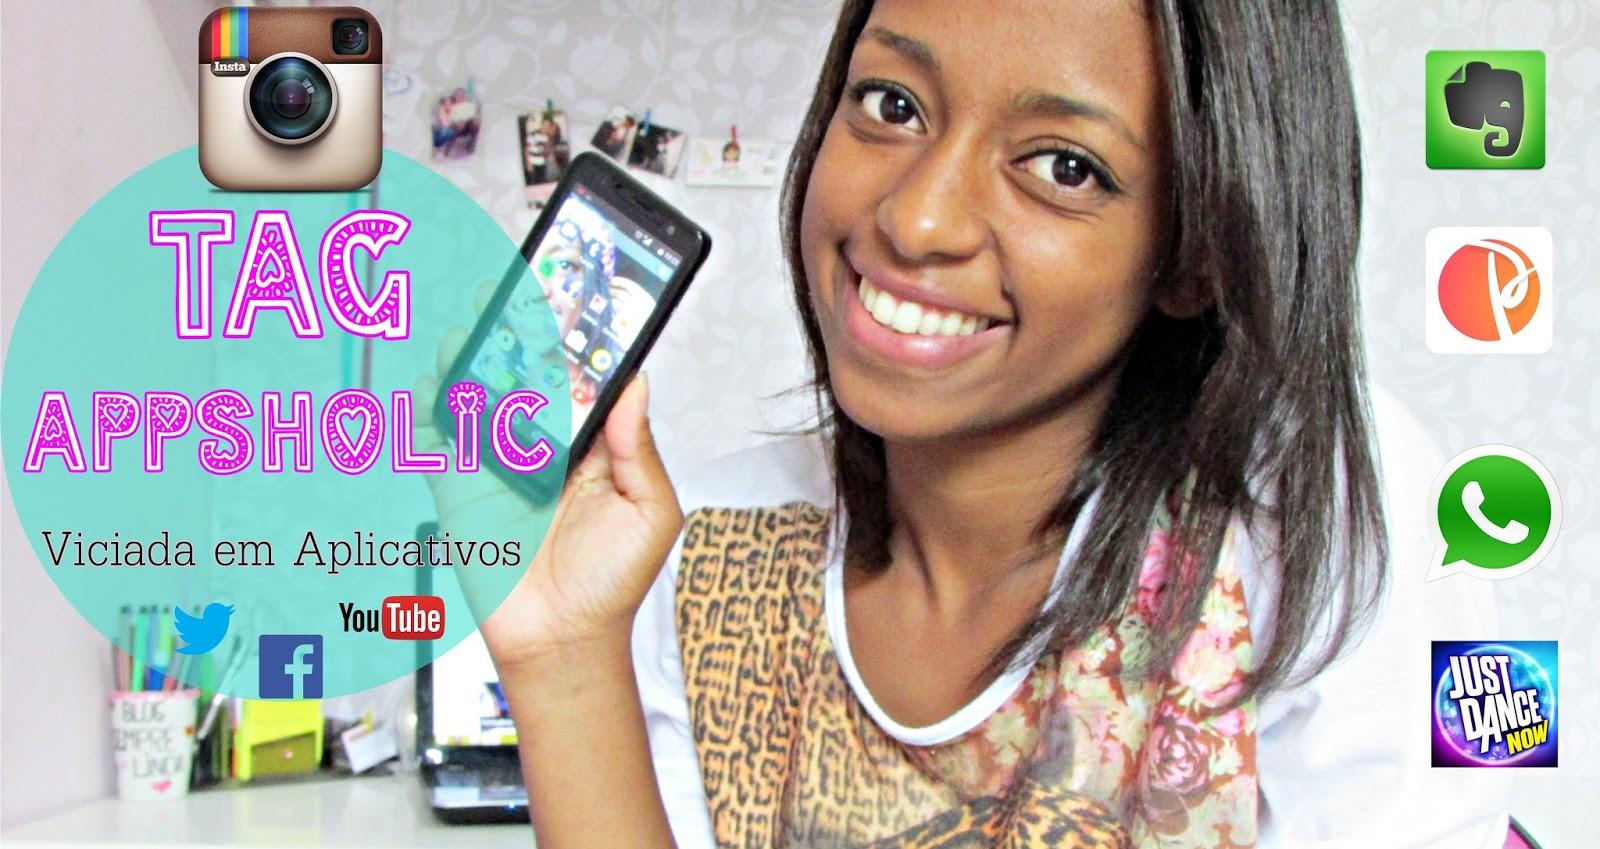 Vídeo dando dicas de aplicativos para editar fotos, se organizar, ouvir música, etc. #AppsHolic